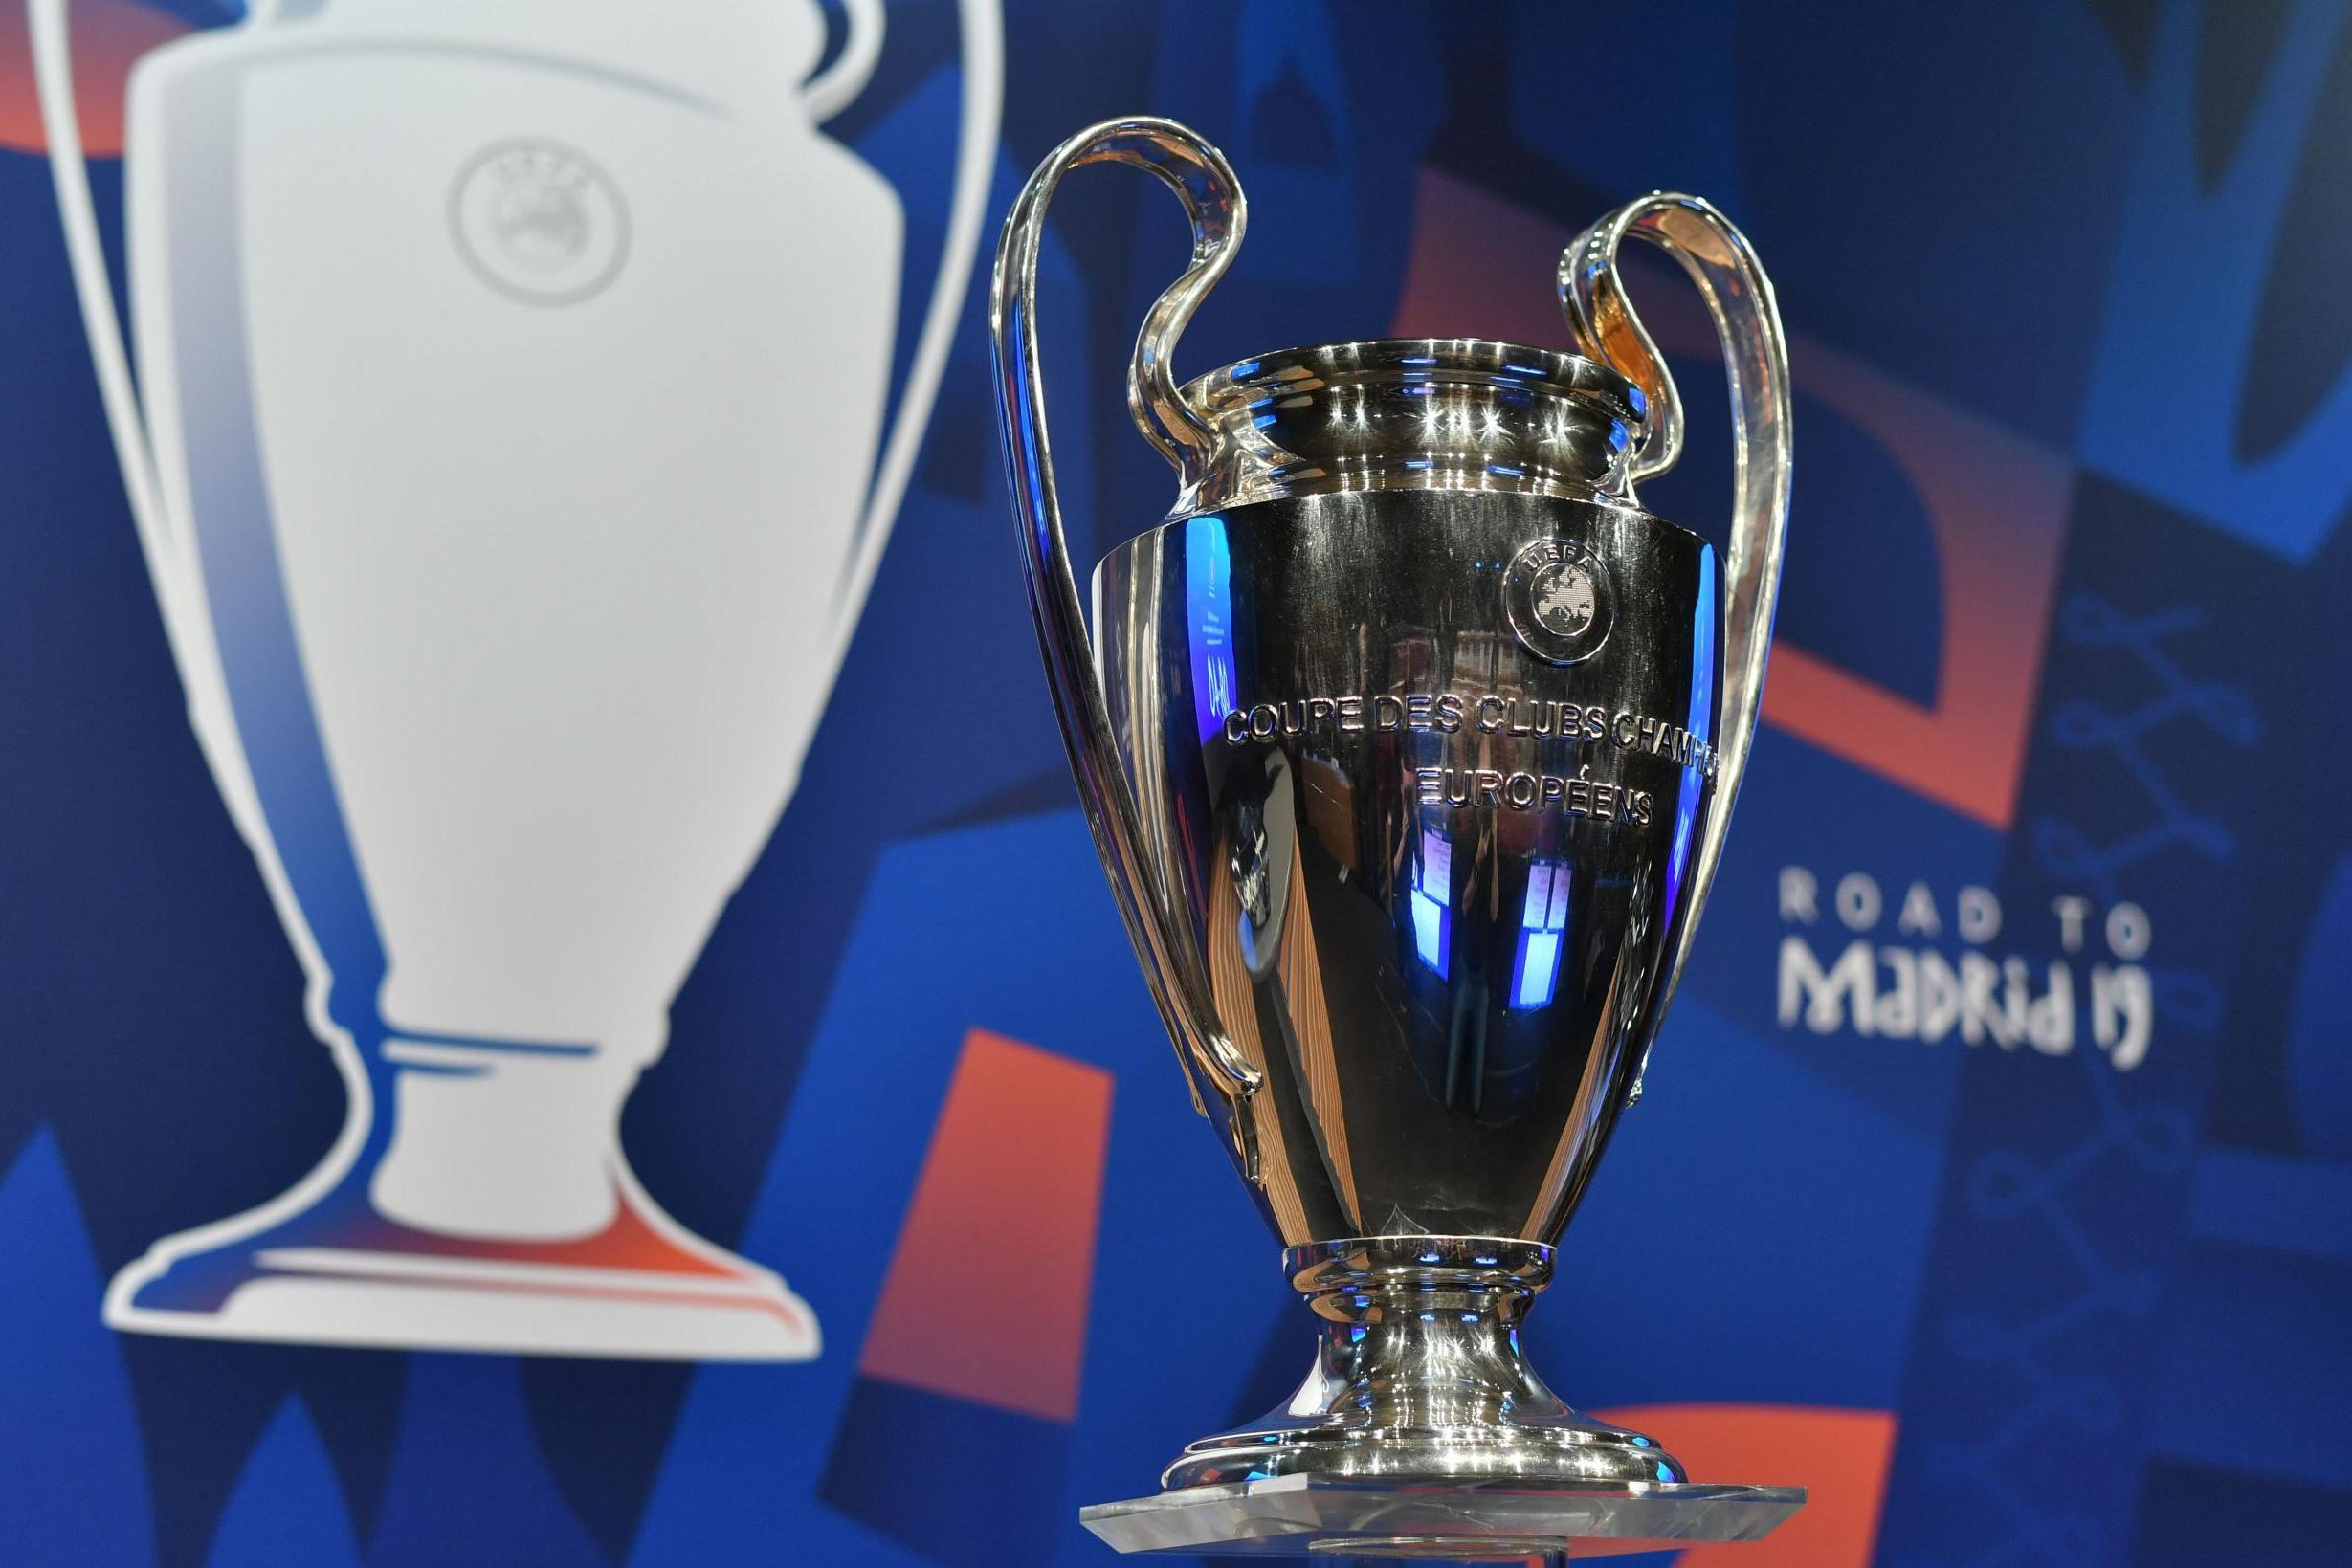 Champions League: Shëtitje dhe llogari, nata e fundit e fazës së grupeve